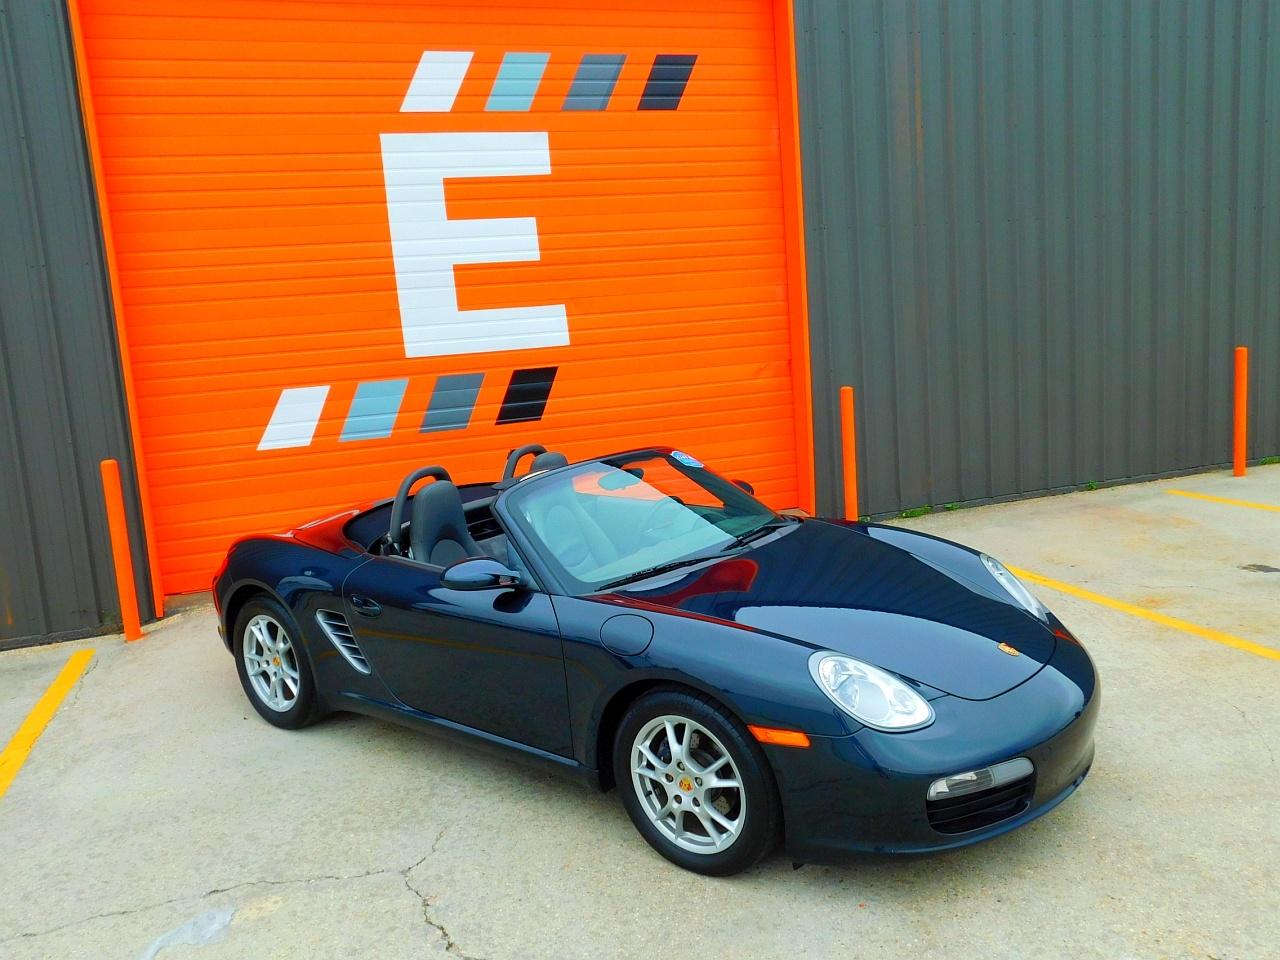 Import One Baton Rouge >> Elite Import Group Baton Rouge La Read Consumer Reviews